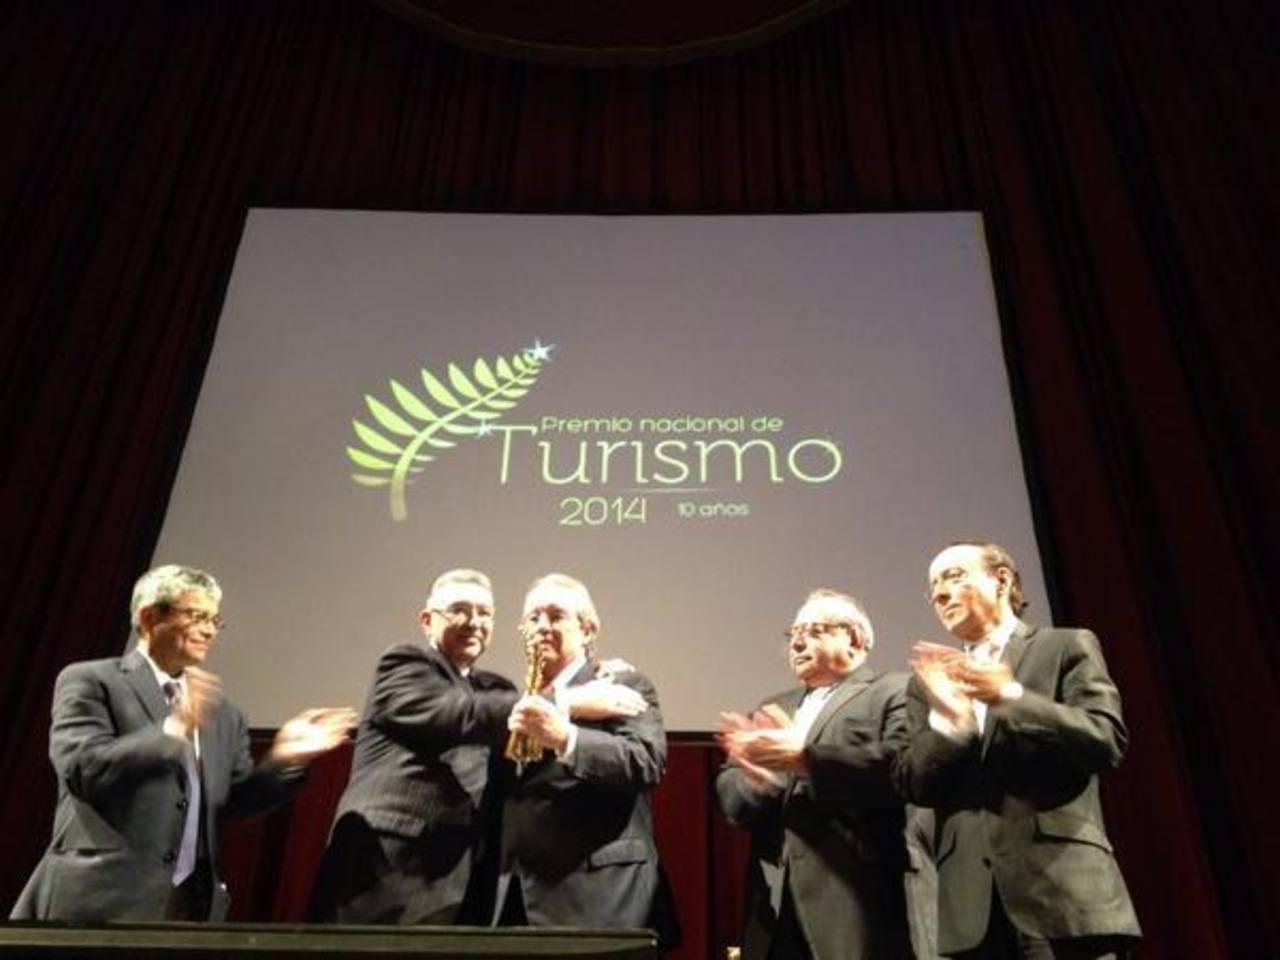 El cofundador y director de la junta directiva de Avianca Holdings, Roberto Kriete, recibió el Premio Nacional de Turismo 2014.